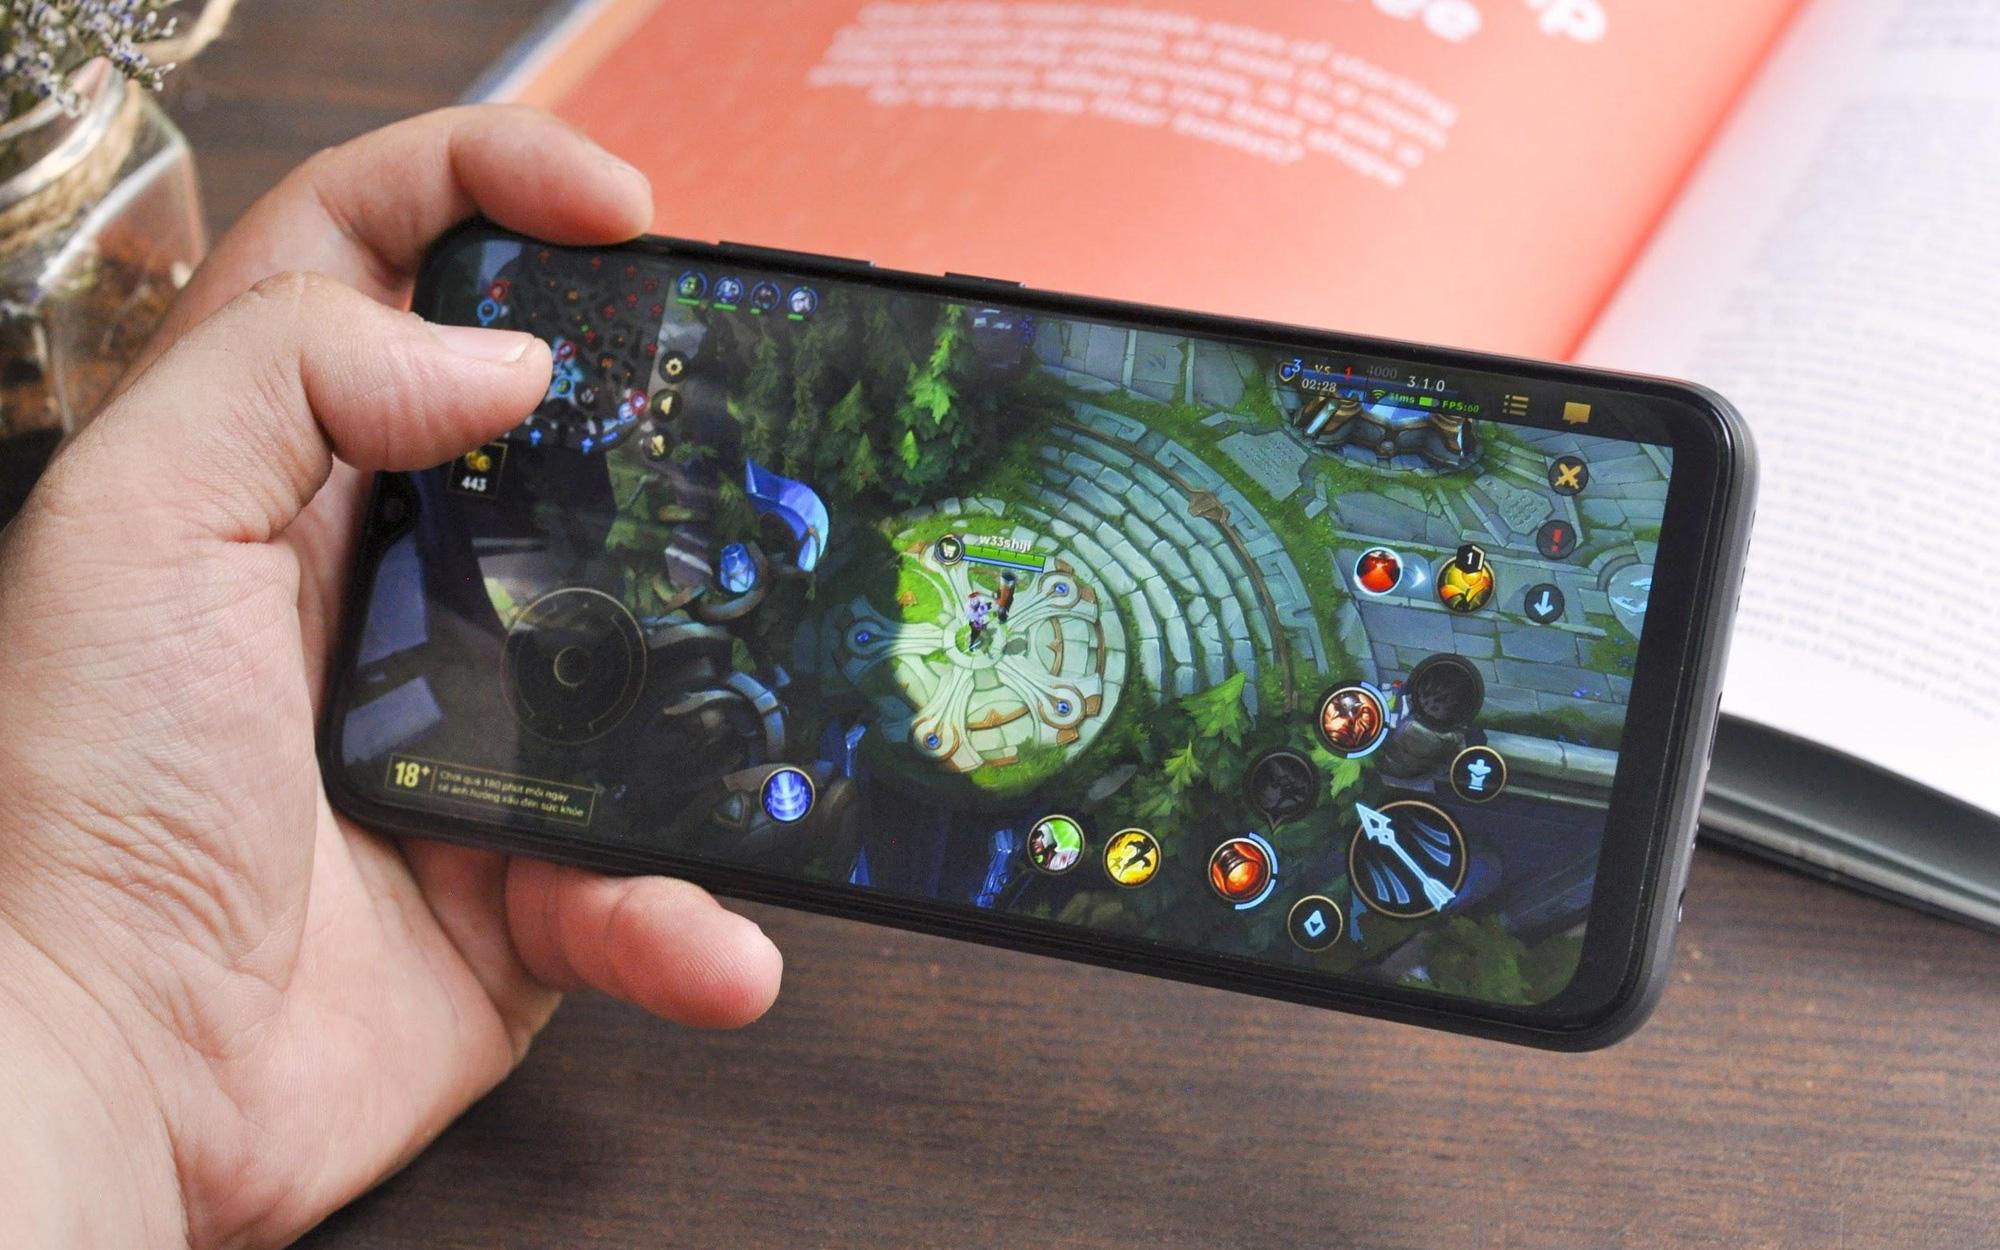 """Smartphone cho Gen Z thích """"sống trội"""" ở phân khúc tầm trung: realme C25 nâng tầm sống trội, bền bỉ chất riêng cùng loạt hiệu năng mạnh mẽ"""